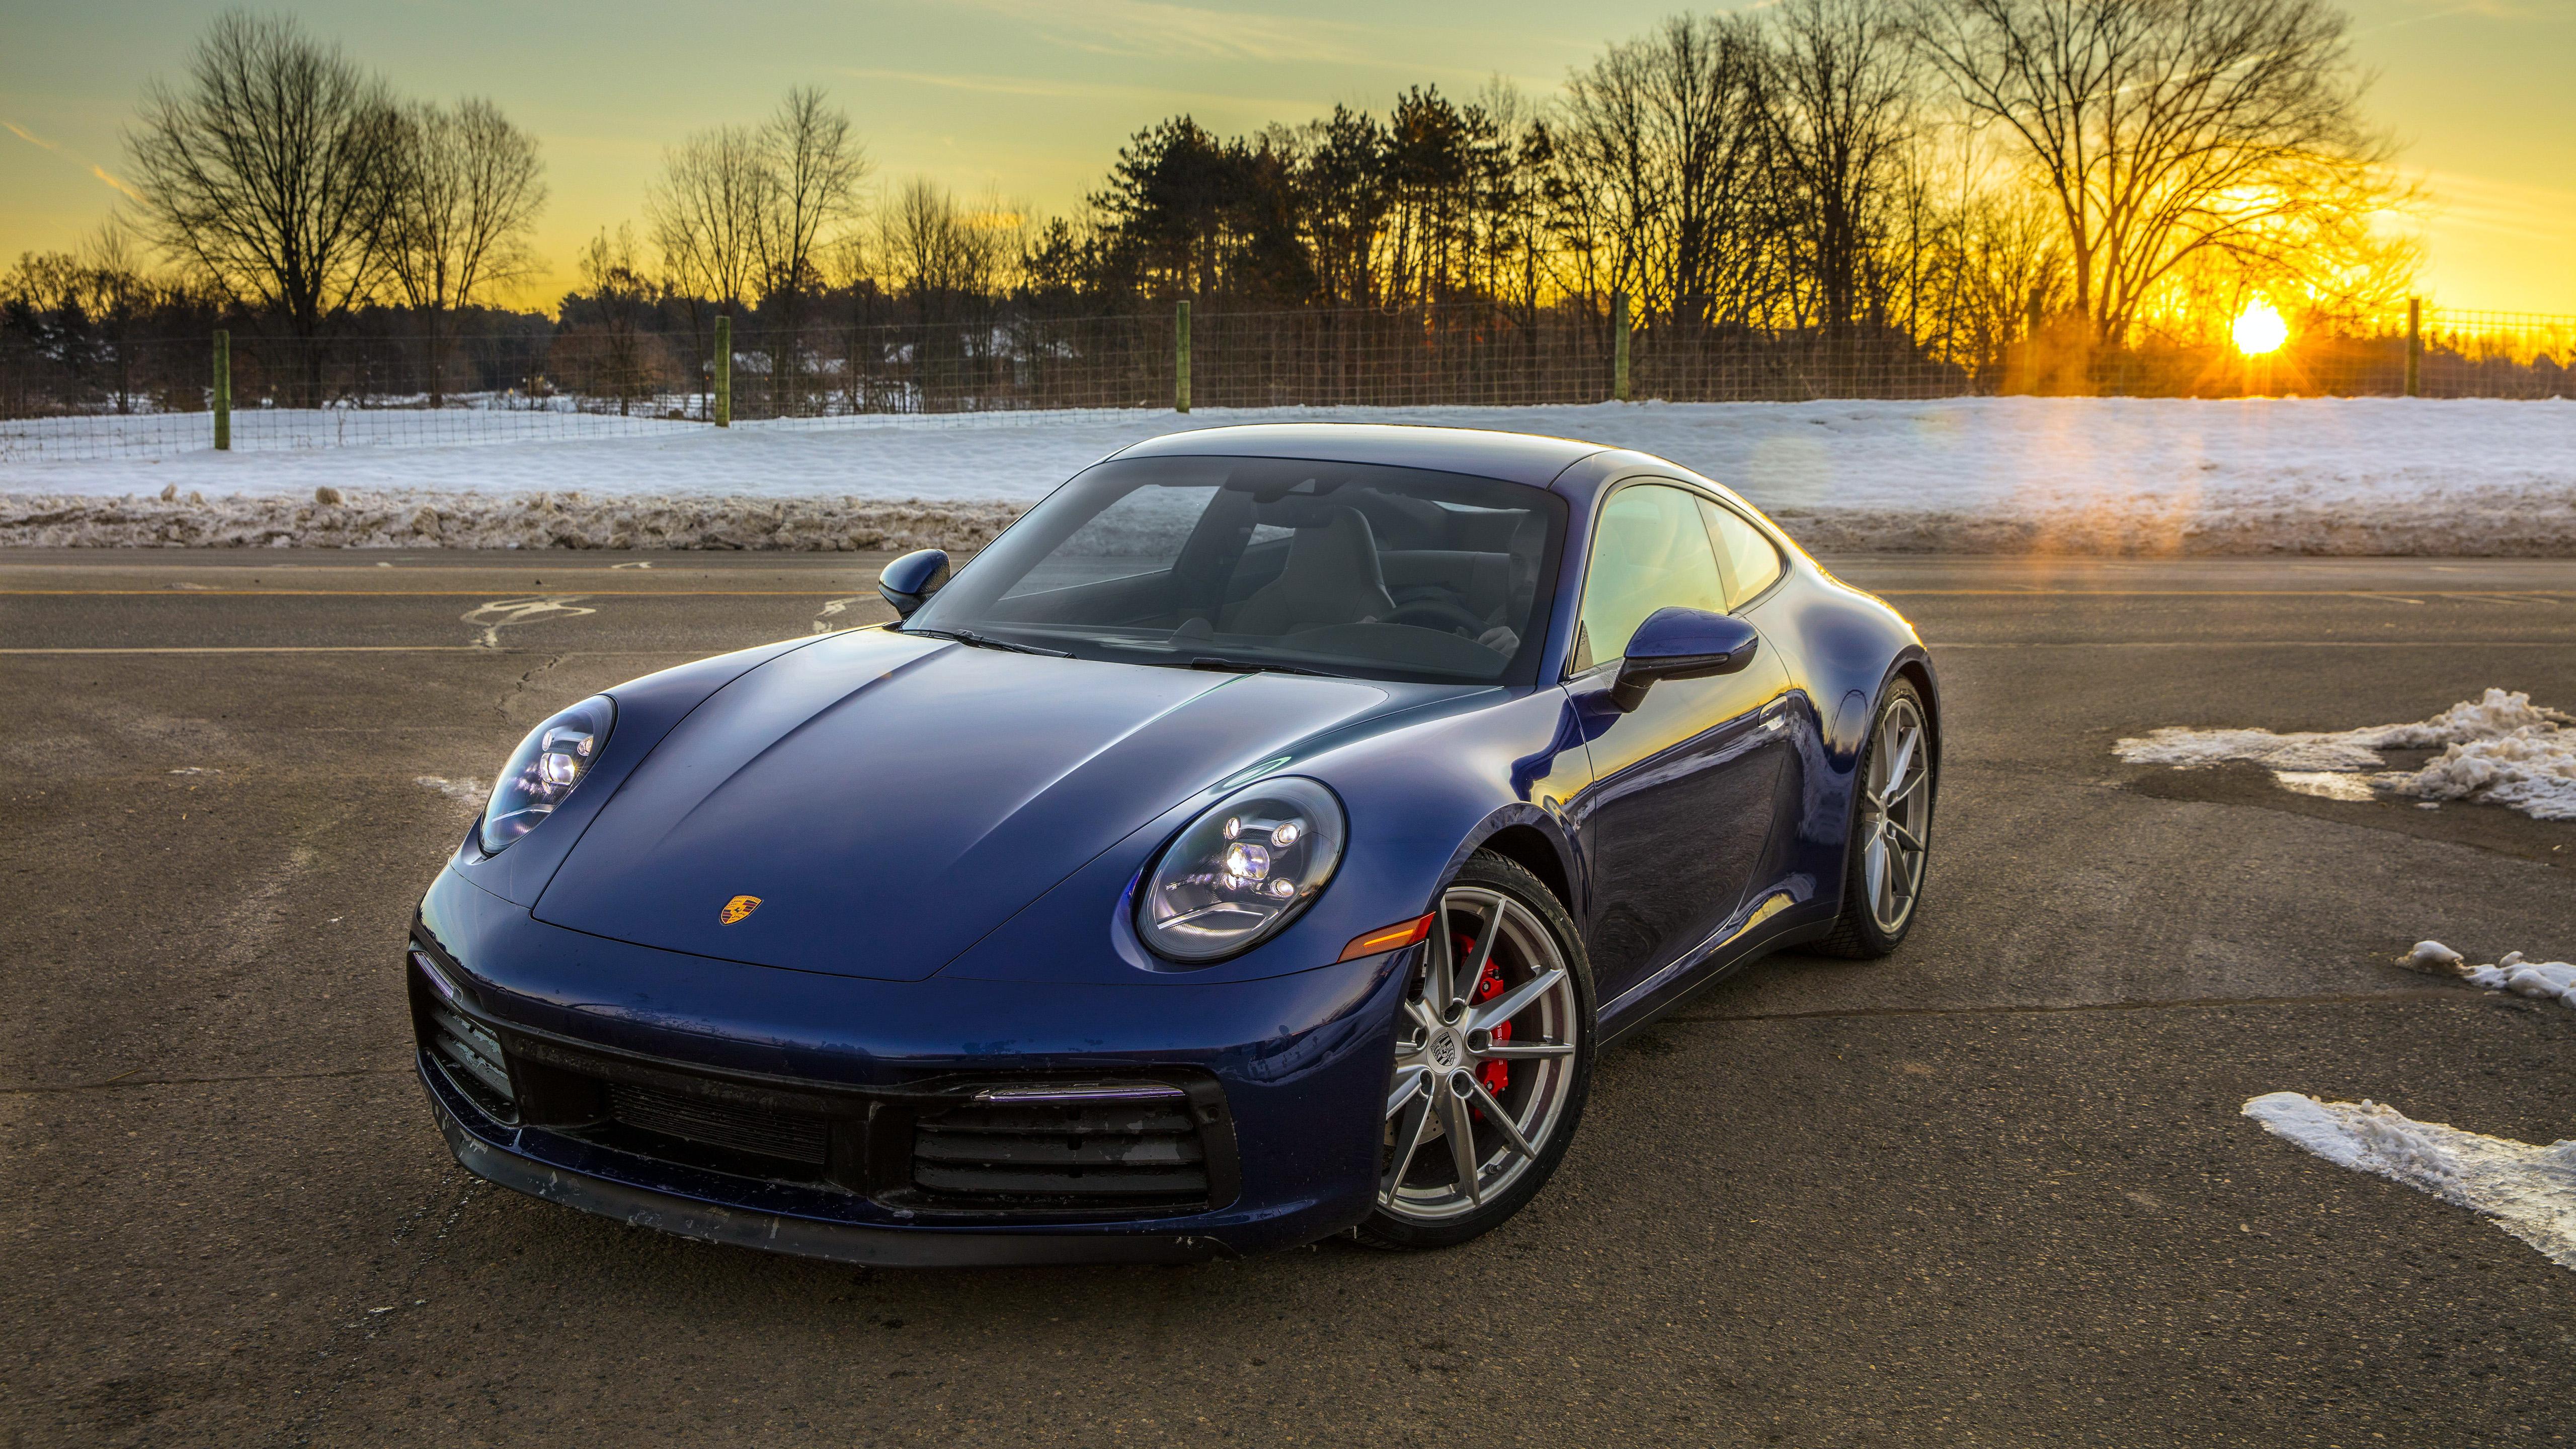 2020 Porsche 911 Carrera 4S 5K Wallpaper HD Car Wallpapers ID 5120x2880